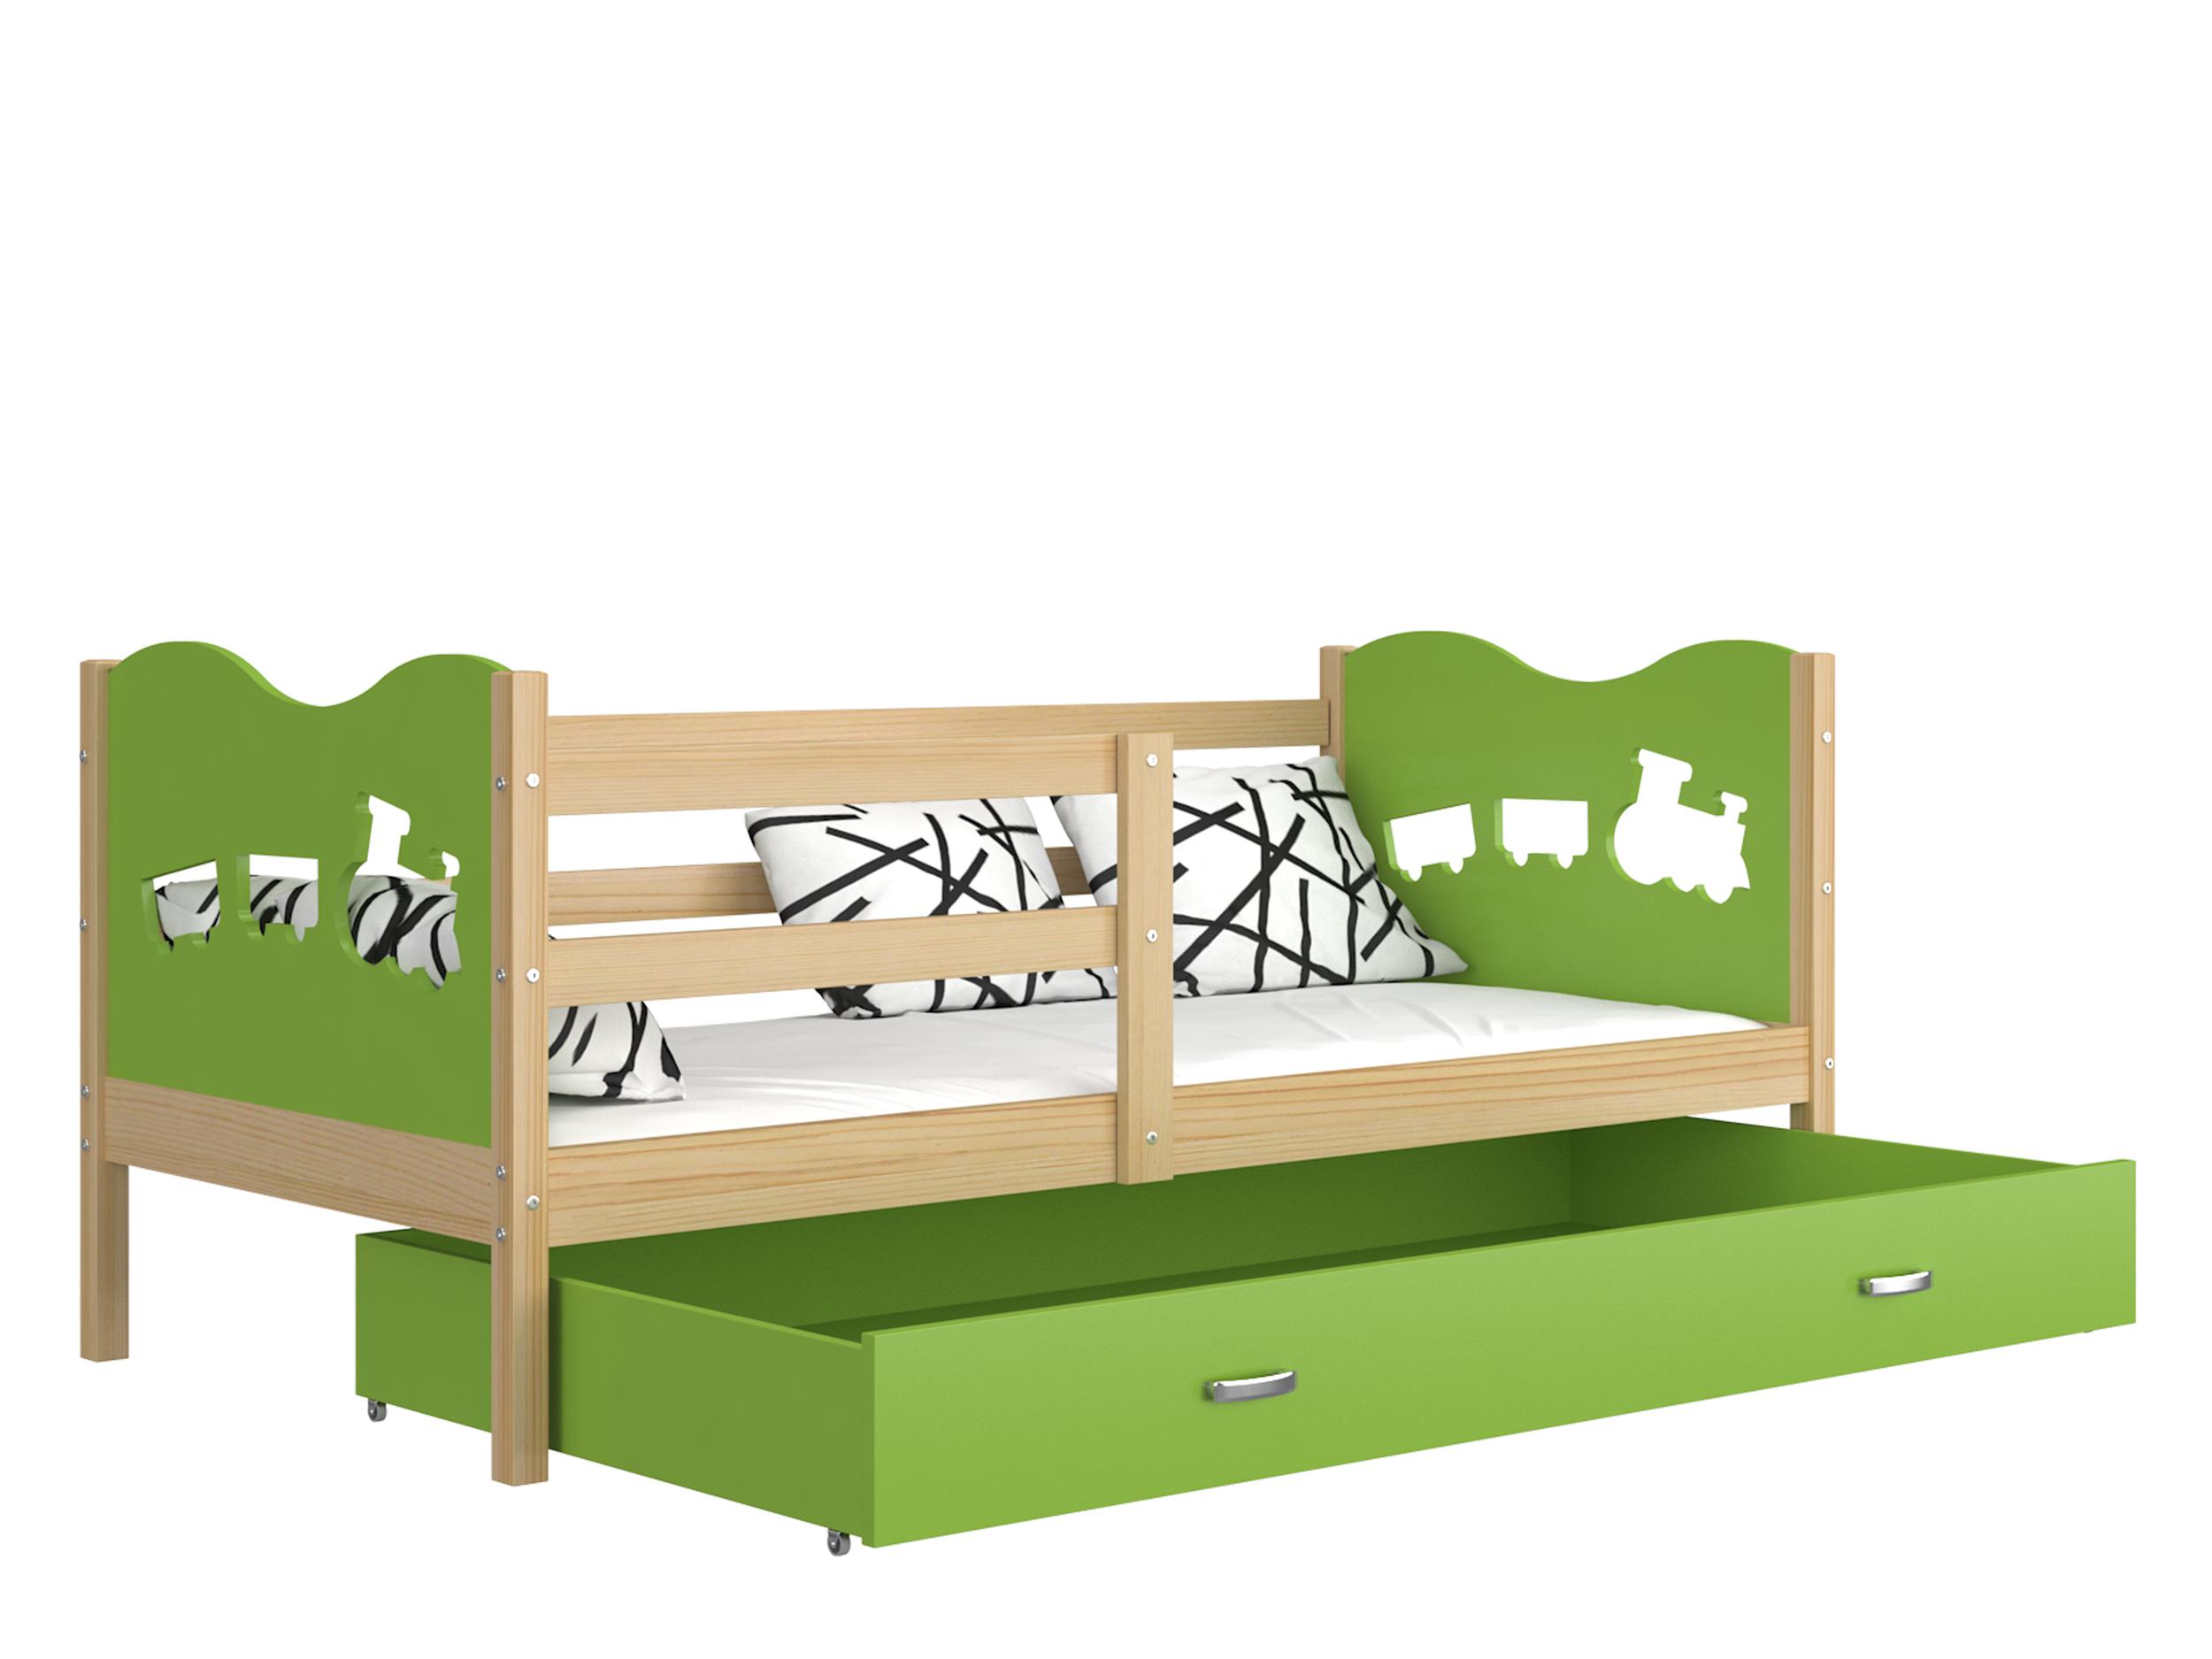 ArtAJ Detská posteľ MAX P drevo / MDF 160 x 80 cm Farba: Borovica / zelená 160 x 80 cm, s matracom